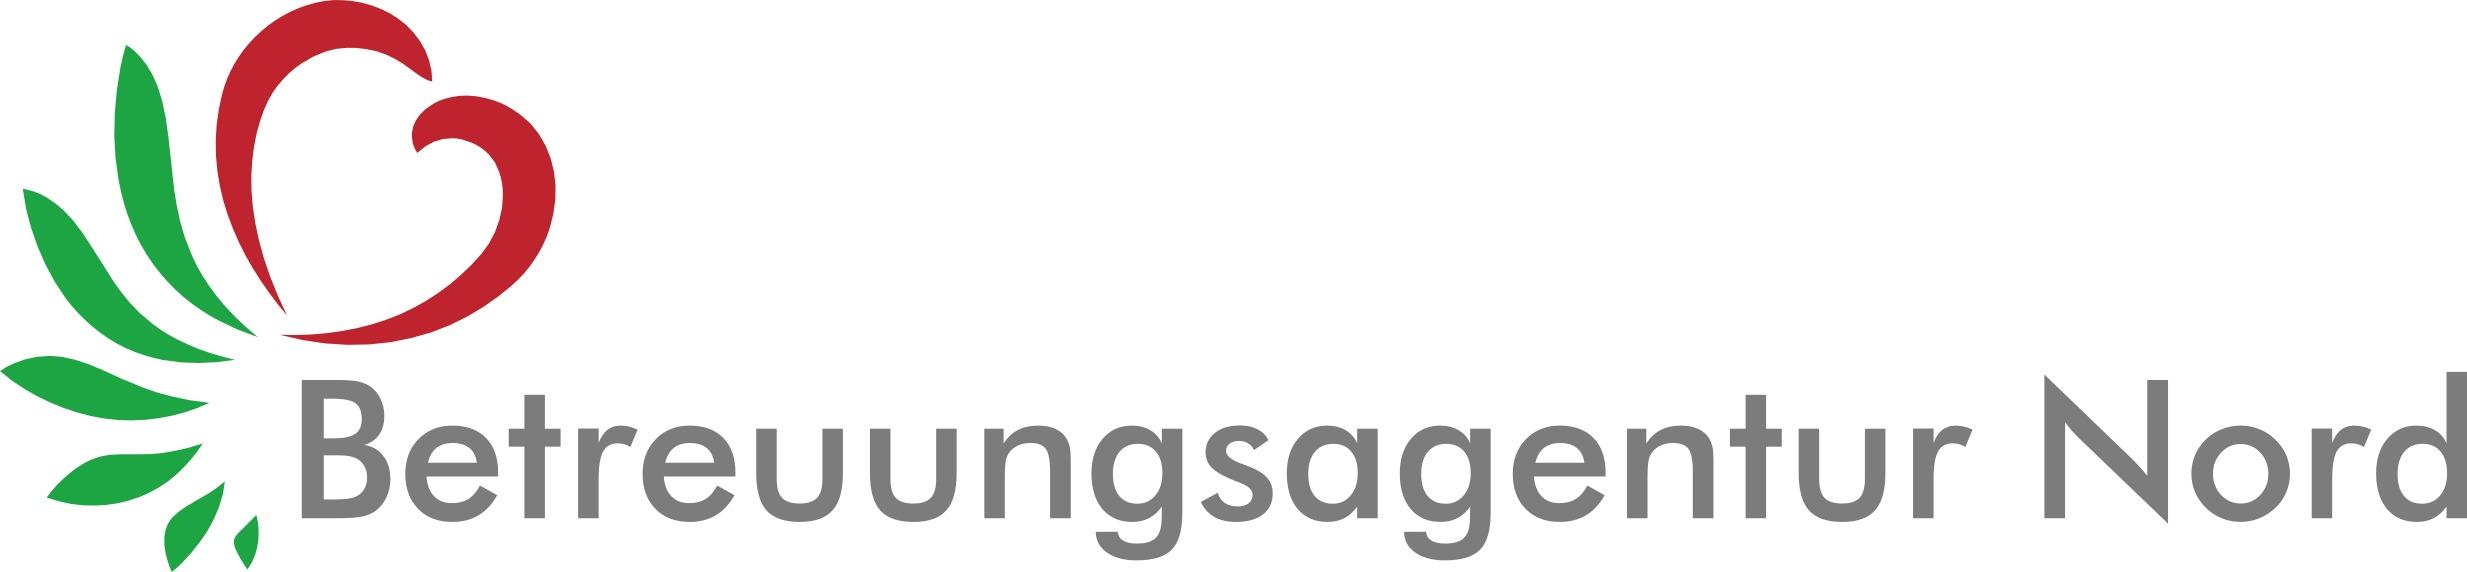 Betreuungsagentur Nord UG